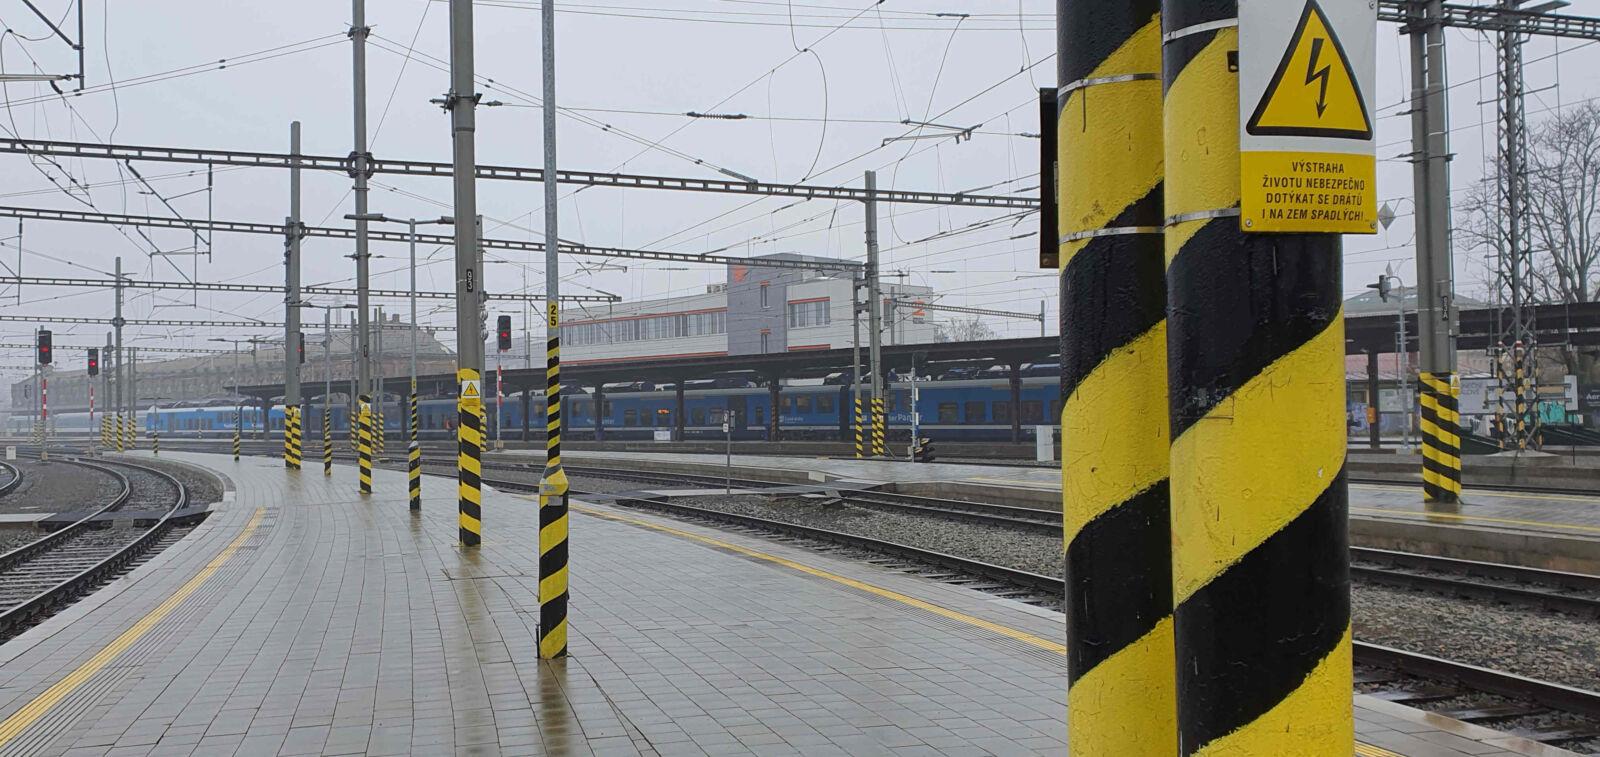 Zimní romantika na jižním zhlaví brněnského nádraží